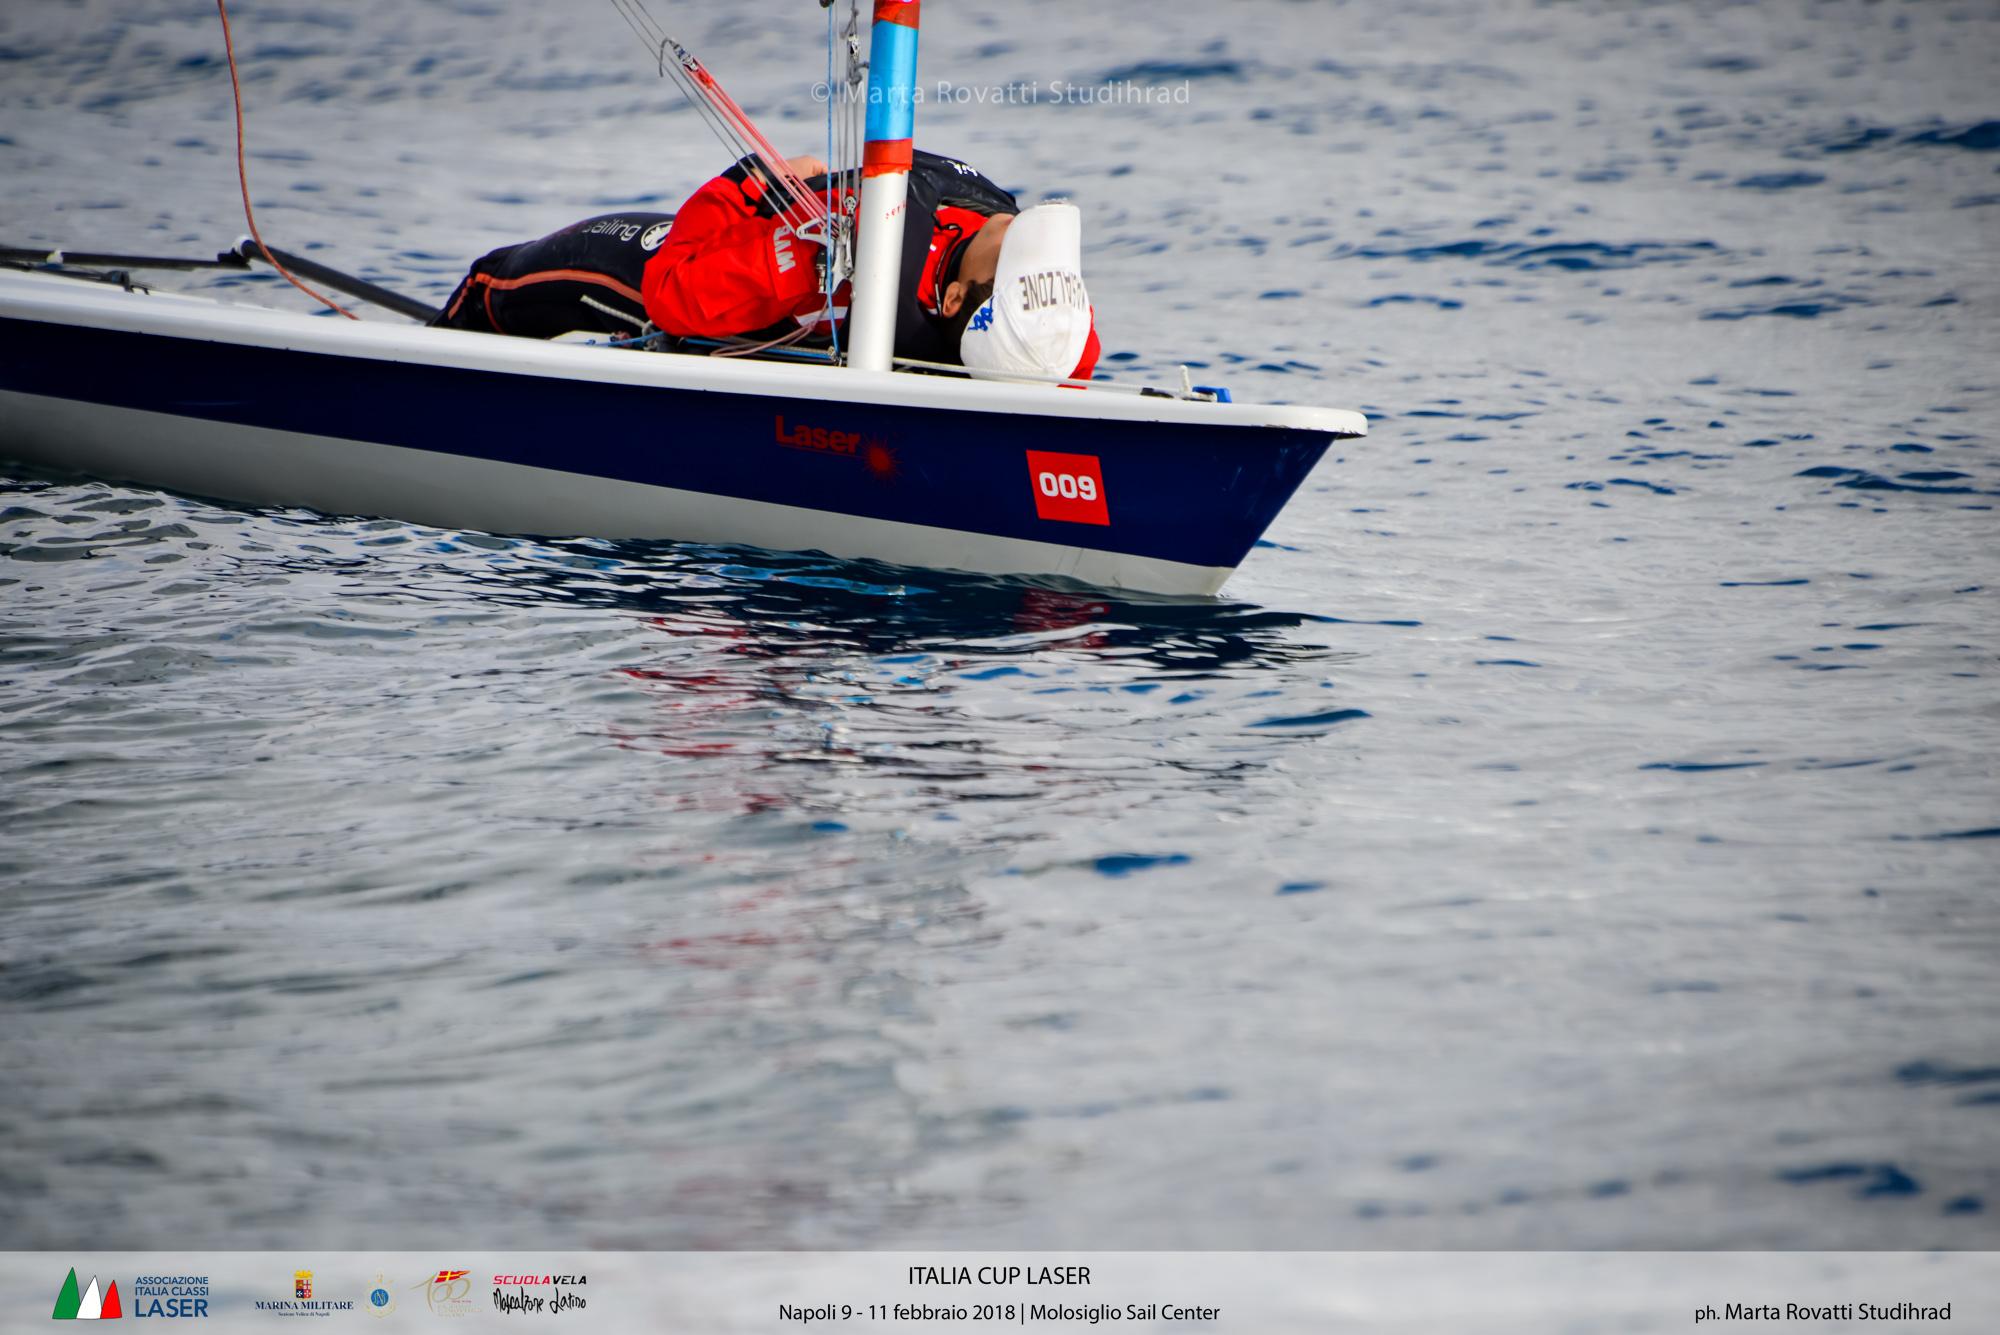 Associazione-Italia-Classi-Laser-2018-NapoliMGR_4797